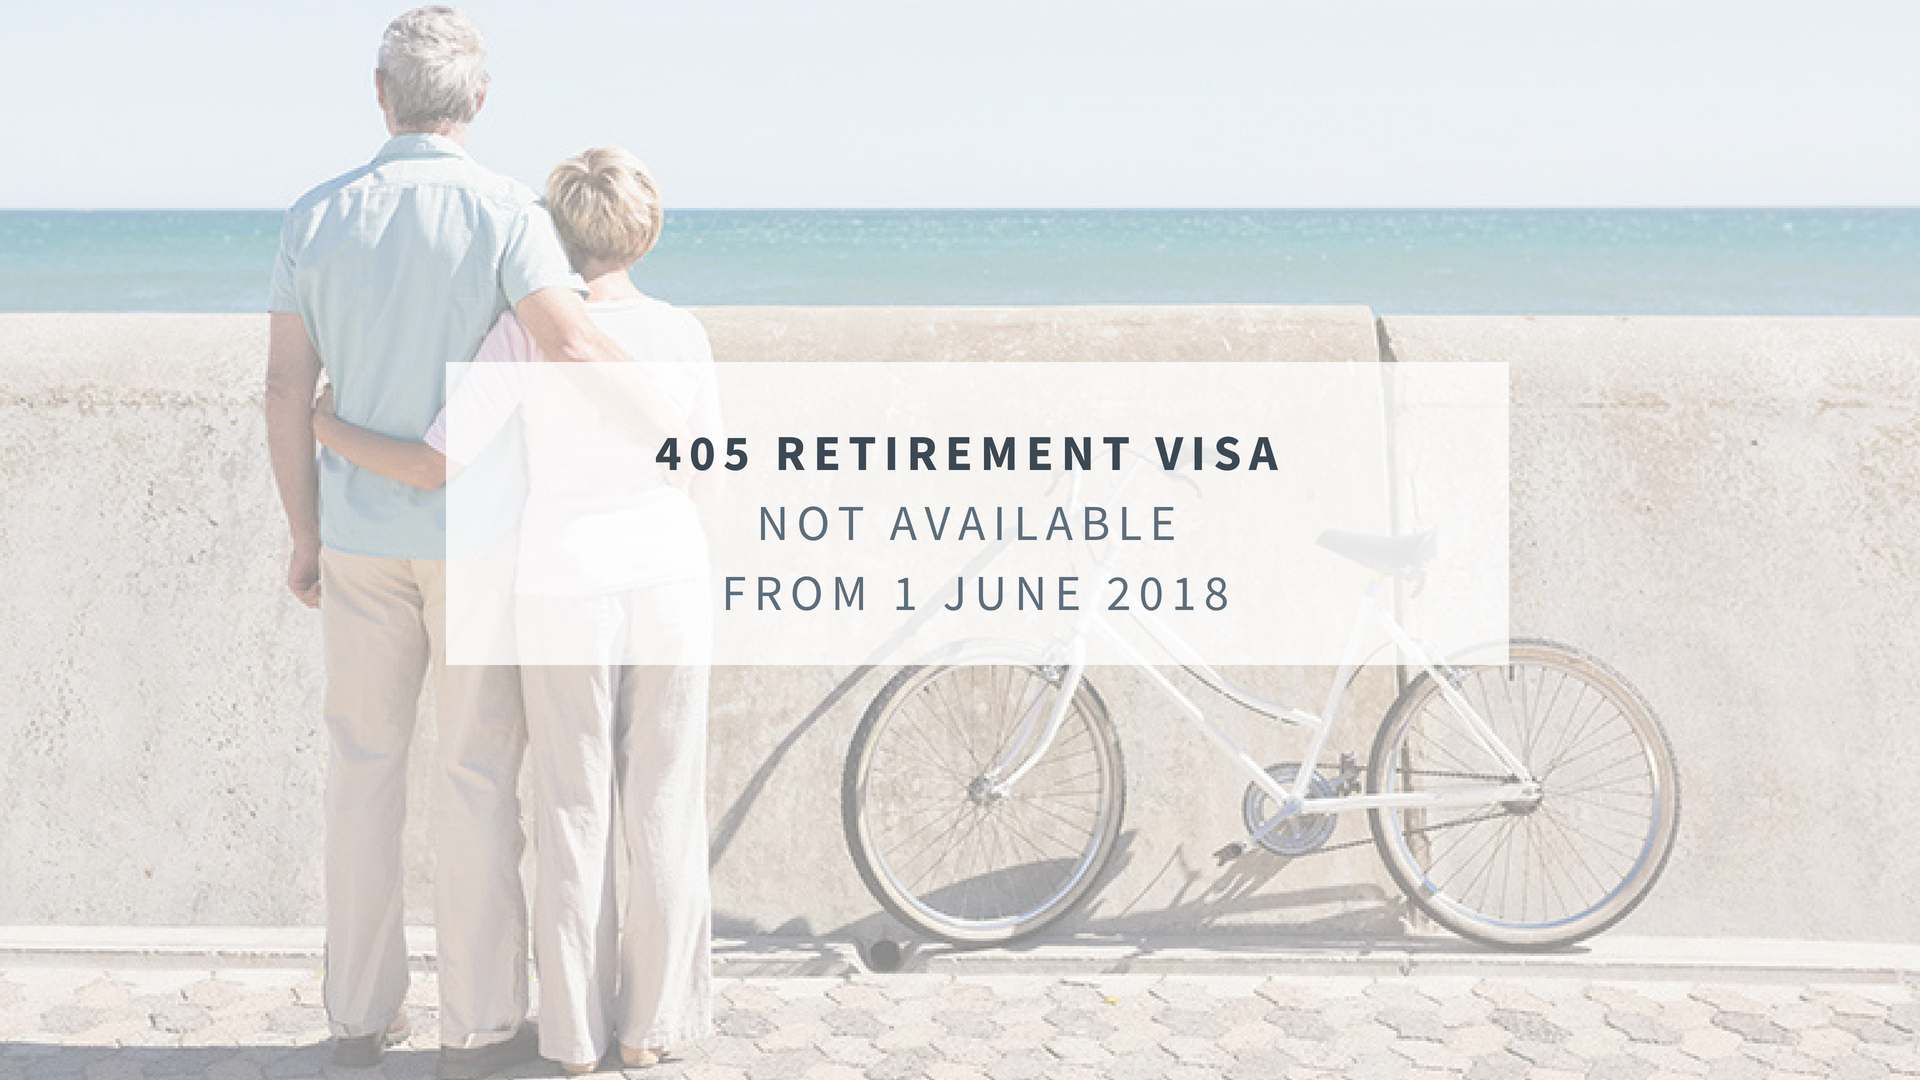 【澳洲退休移民】405 簽證取消 超齡申請人可考慮188C 簽證